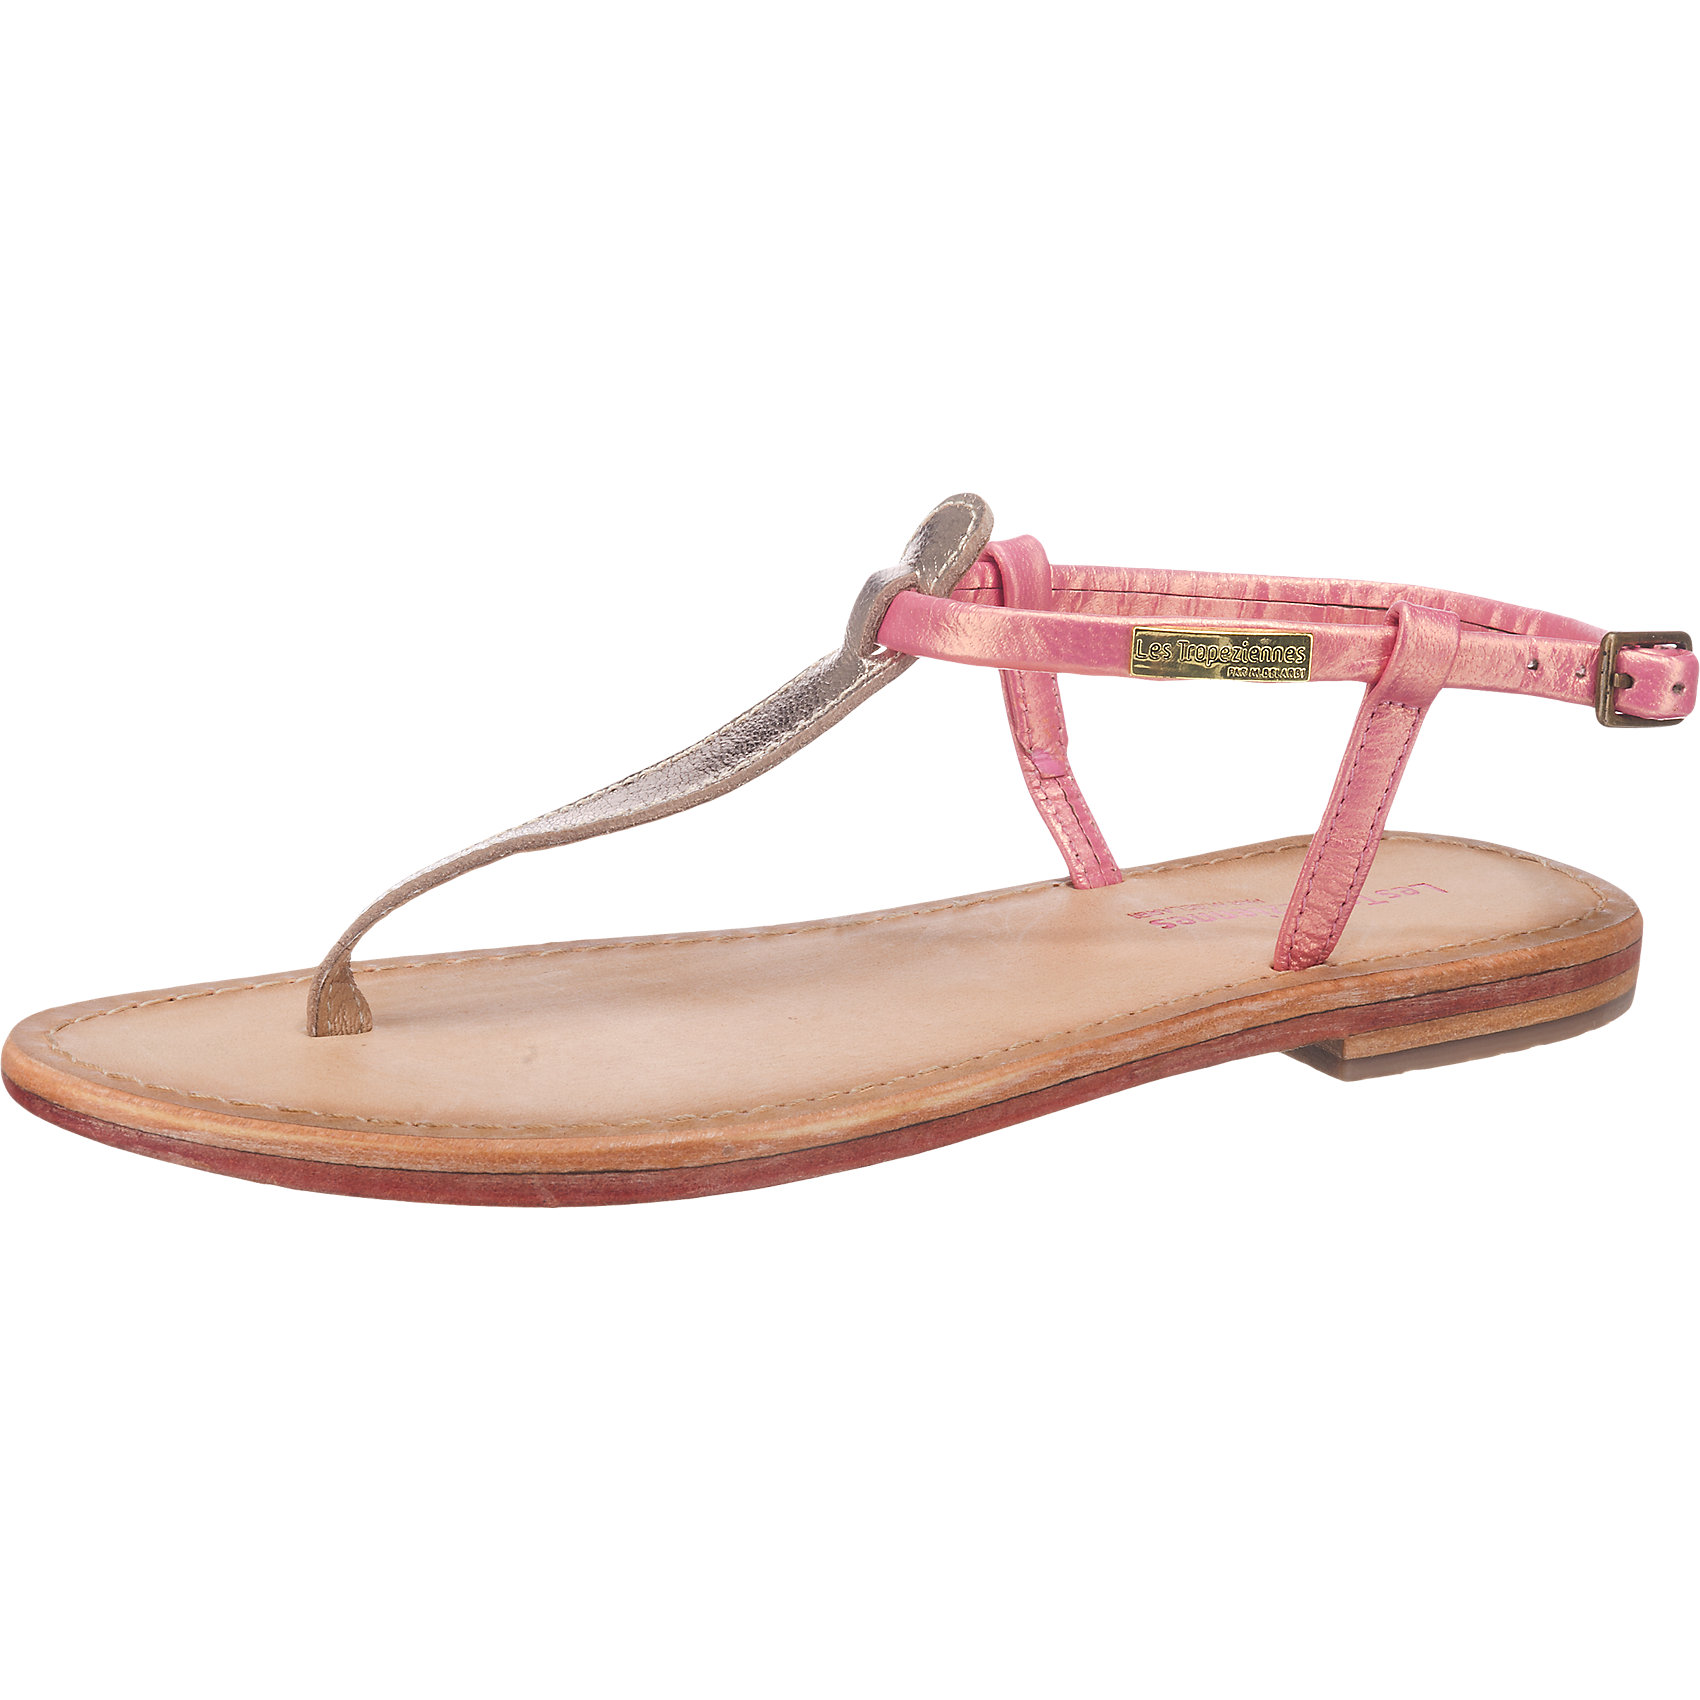 LES TROPEZIENNES Les Tropéziennes Narvil Sandaletten rosa gold silber 5774963